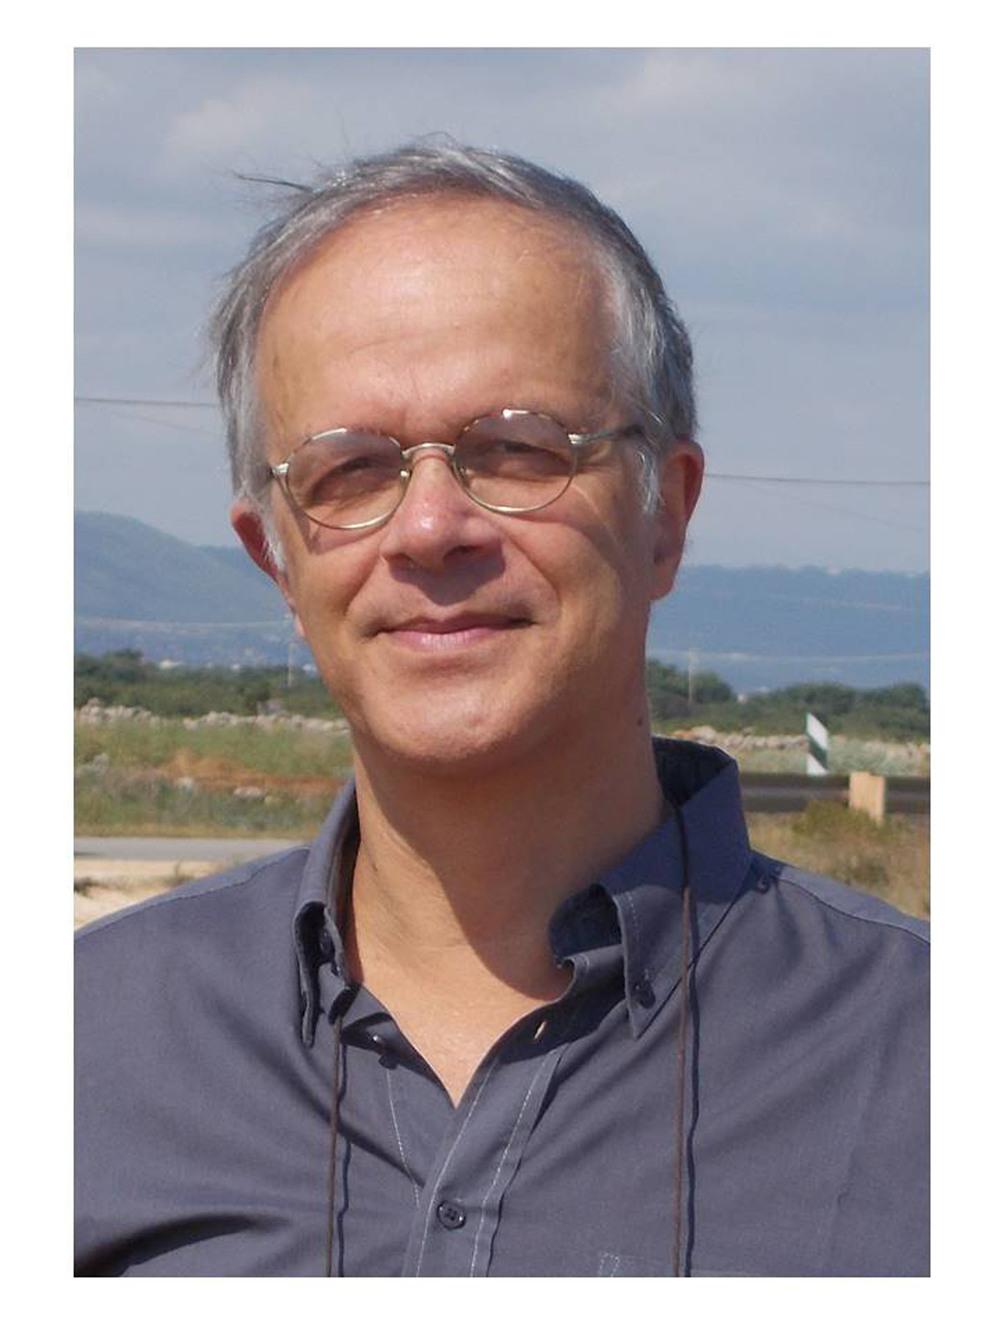 Dr. Fabrizio Benedetti